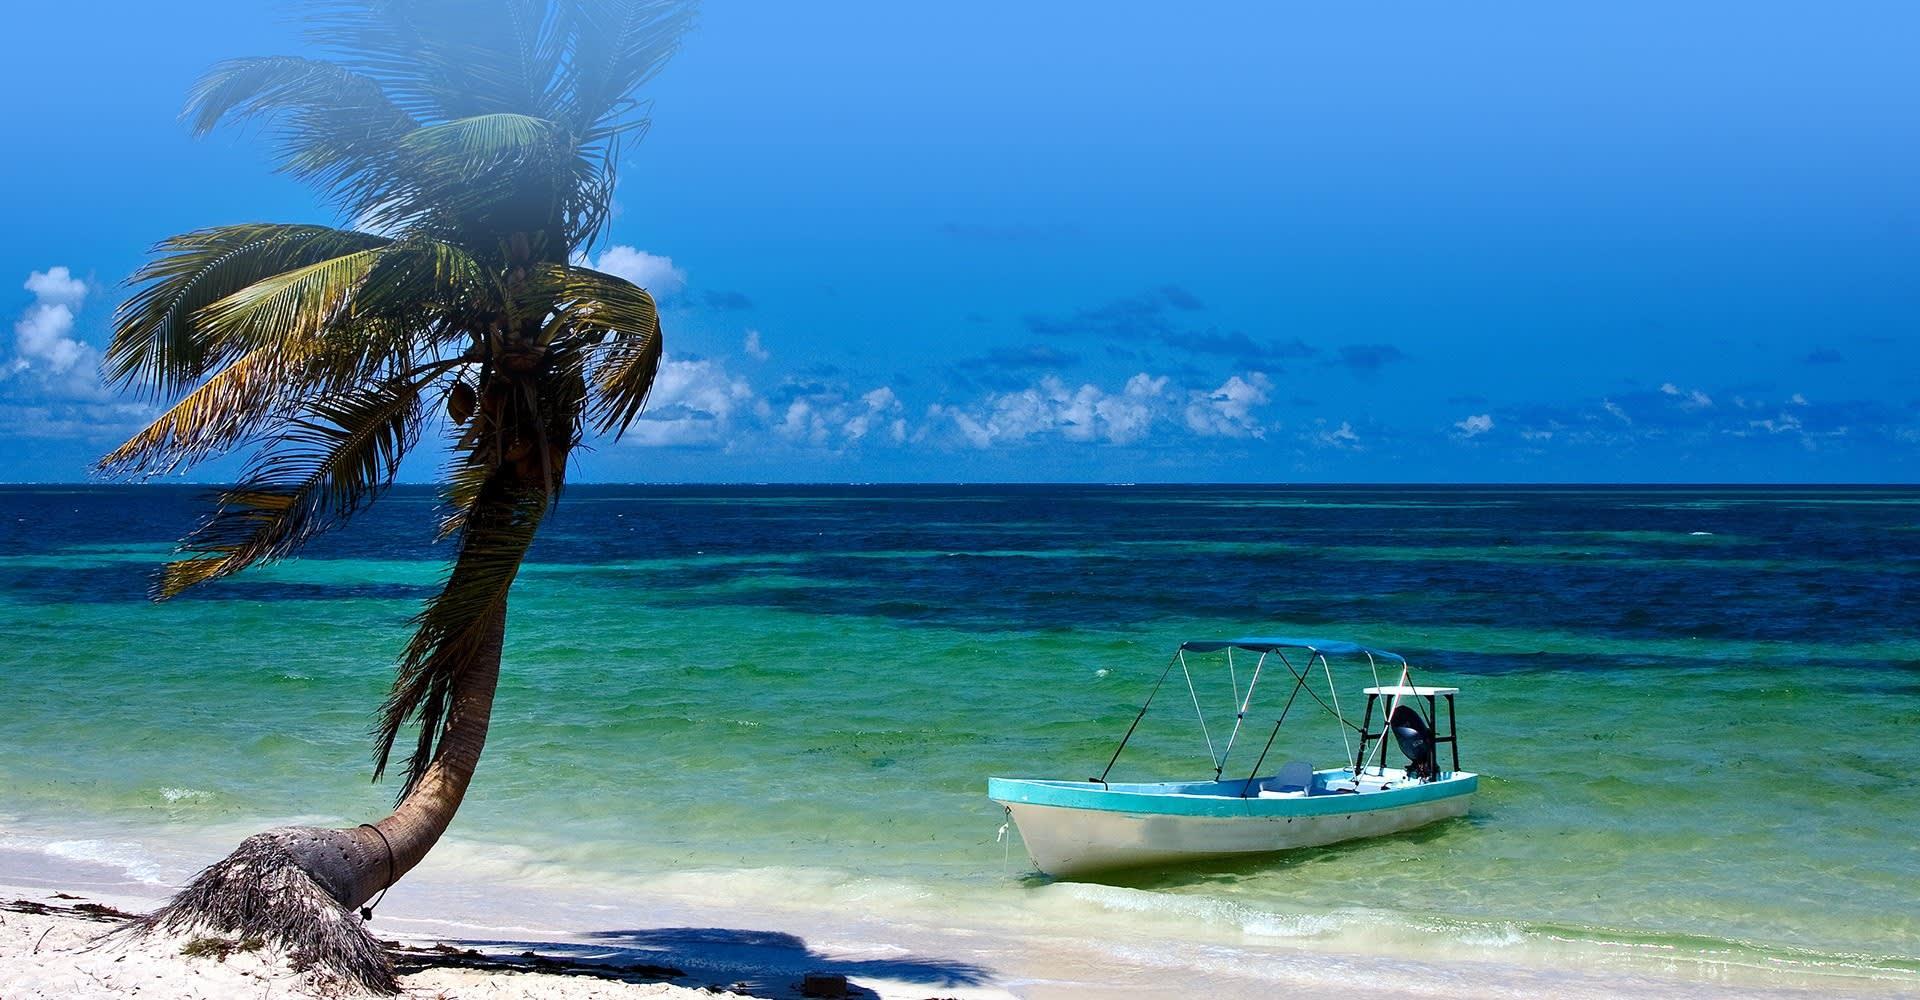 Playa del Carmen Hotel Pathfinder Package